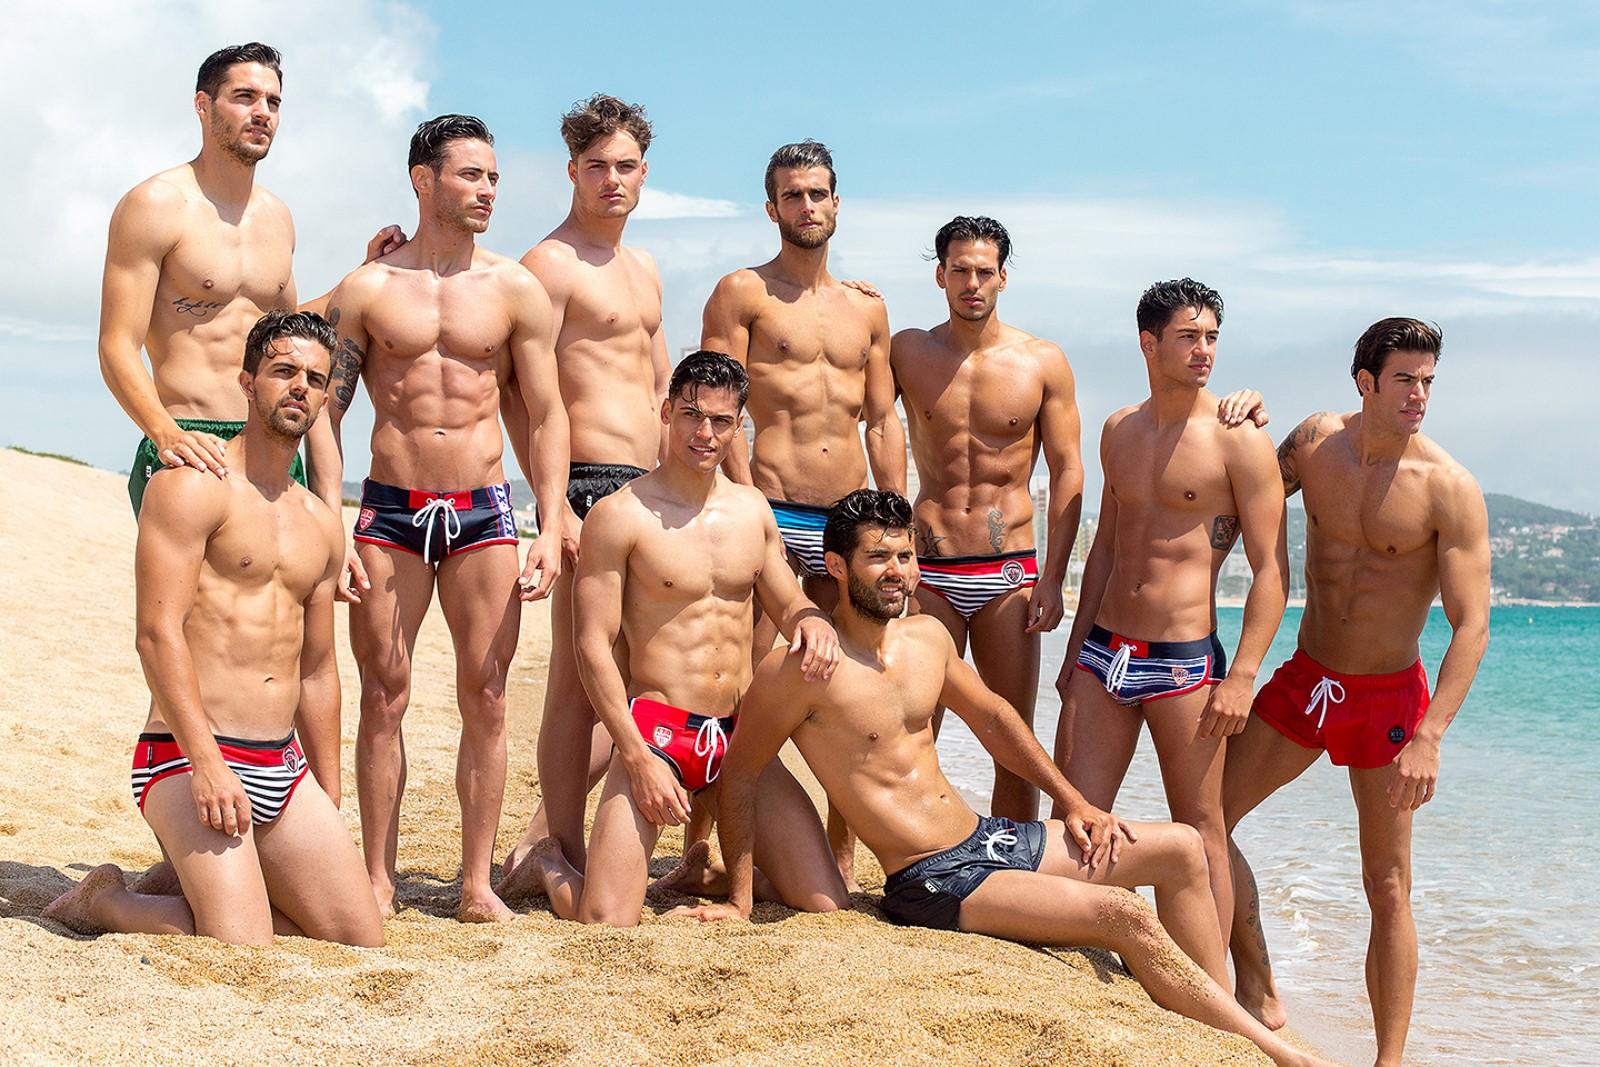 men-offer-group-beach